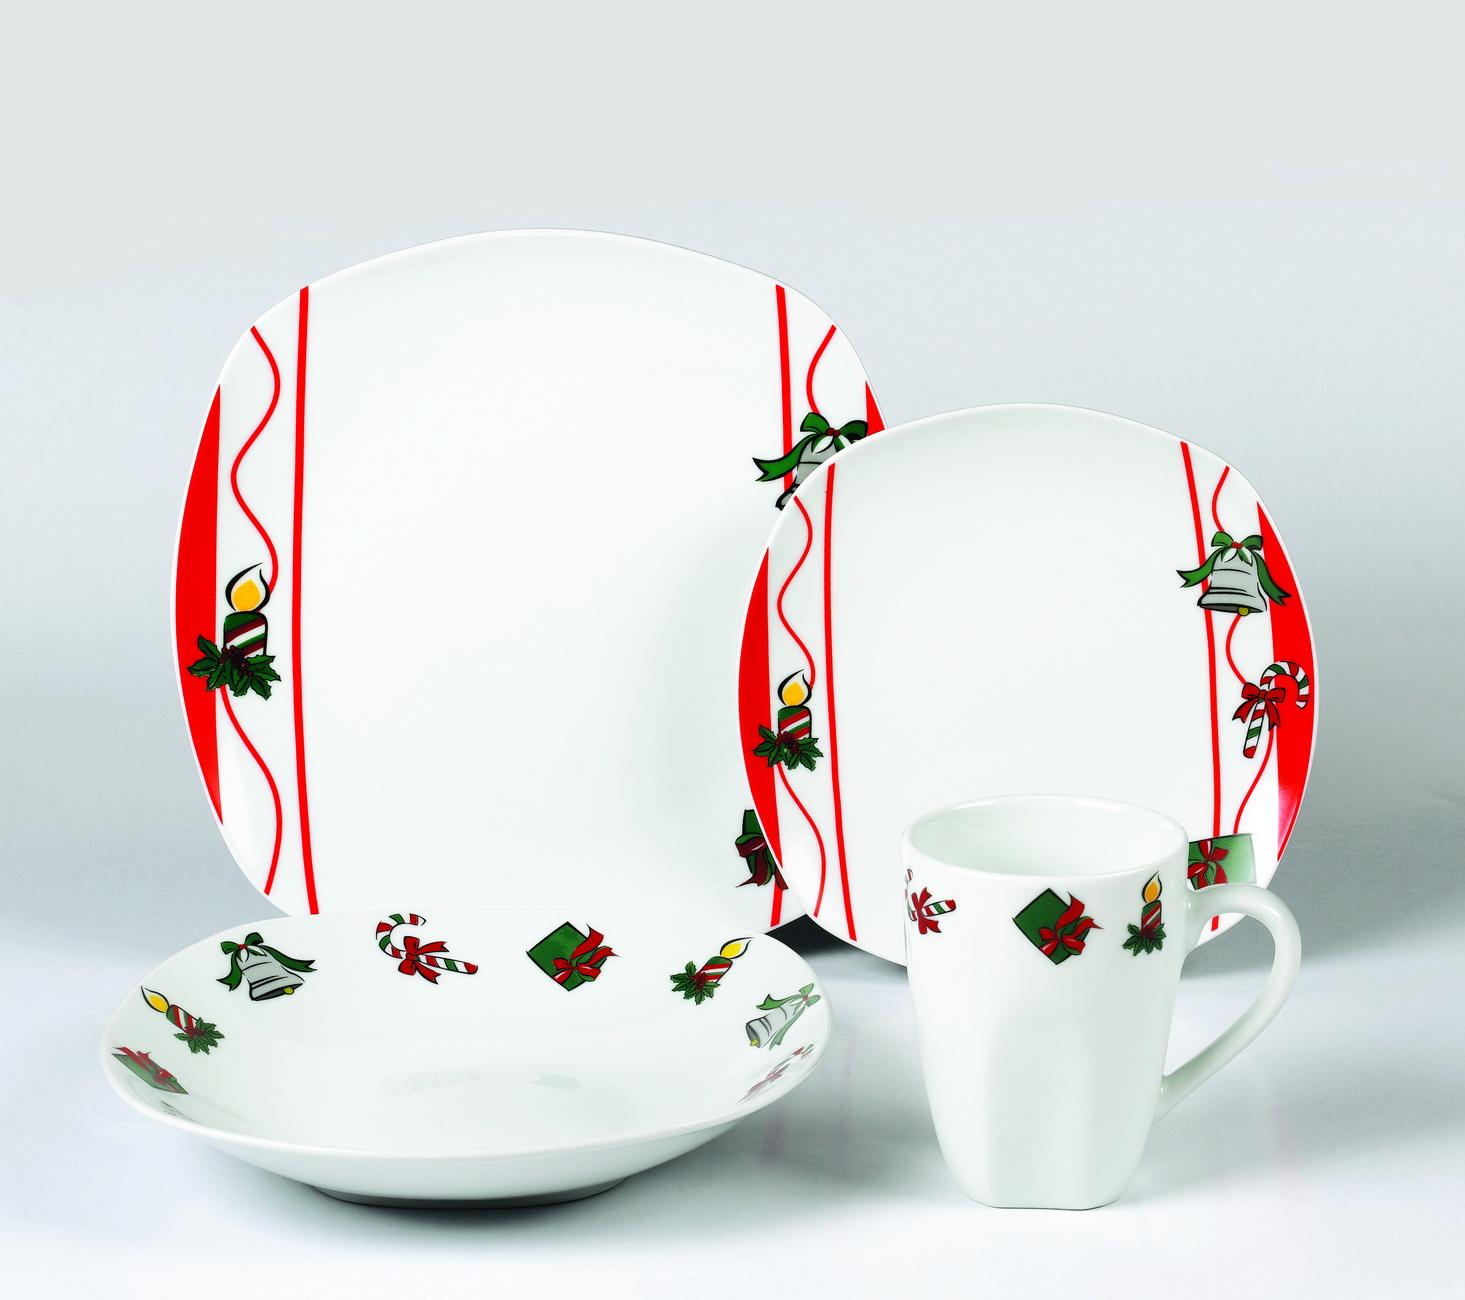 线条圣诞陶瓷餐具